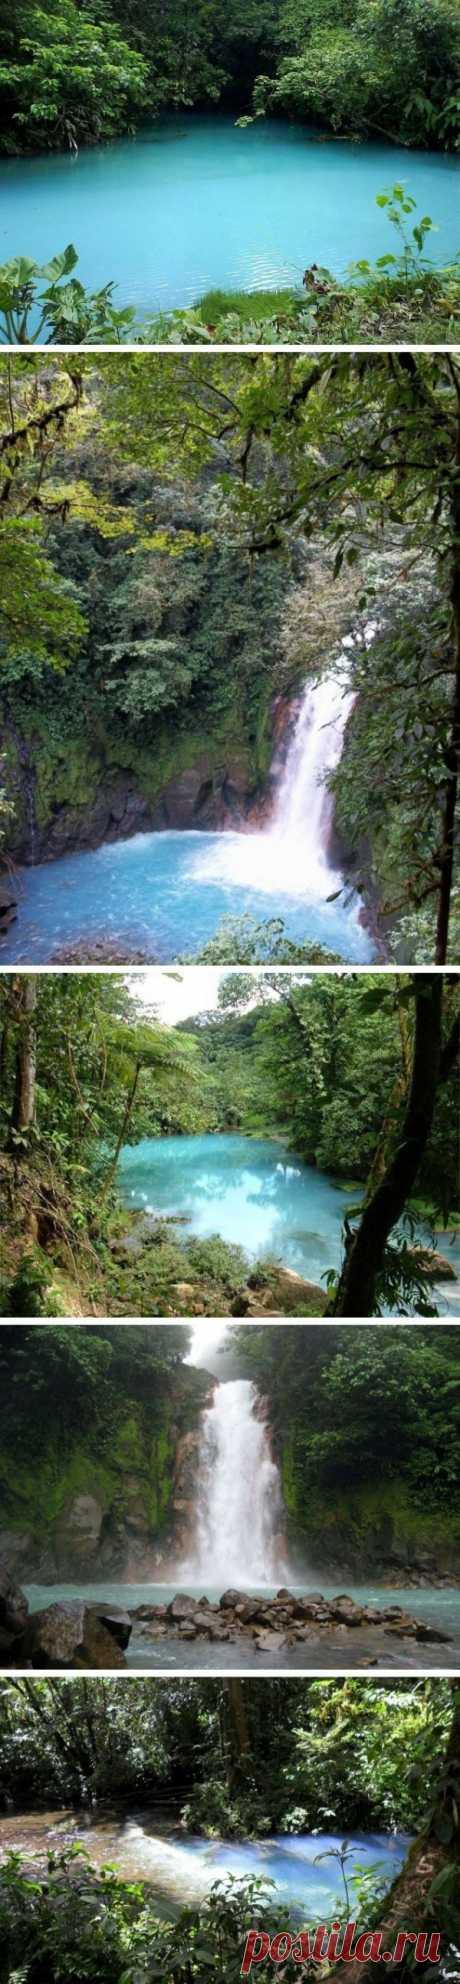 El río con el agua de azul turquí De Ril-Selesta. Costa Rica